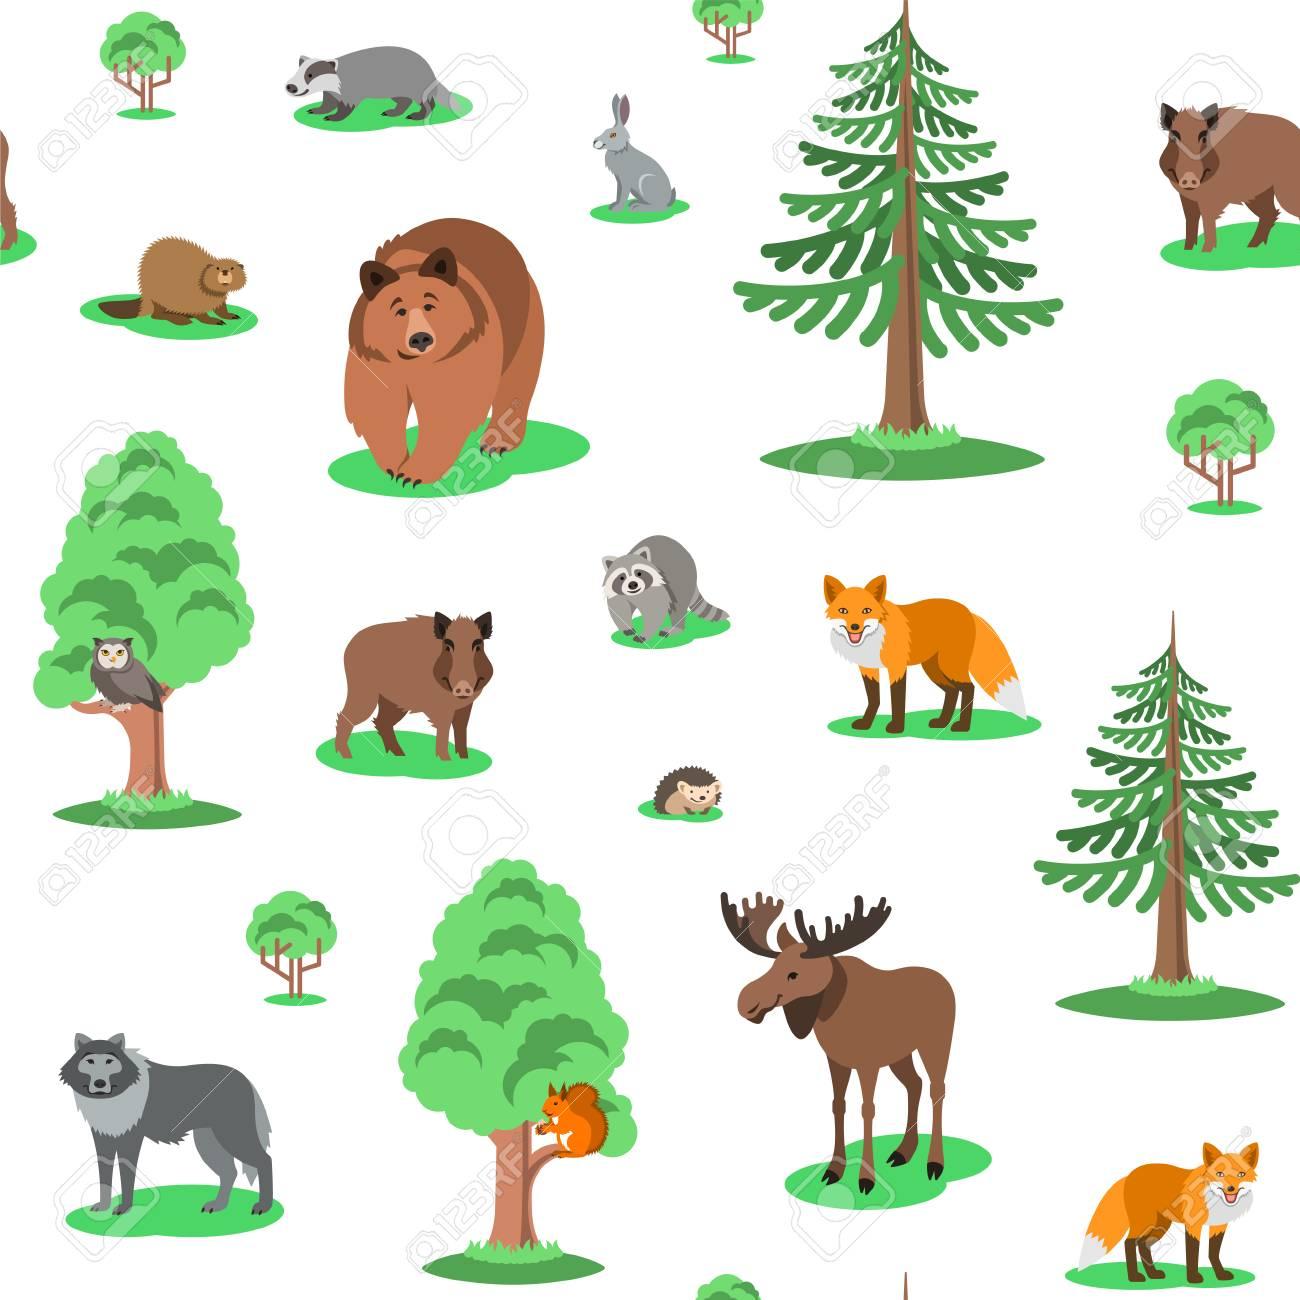 かわいい森の動物のシームレスな背景パターン。ベクトル漫画のイラスト